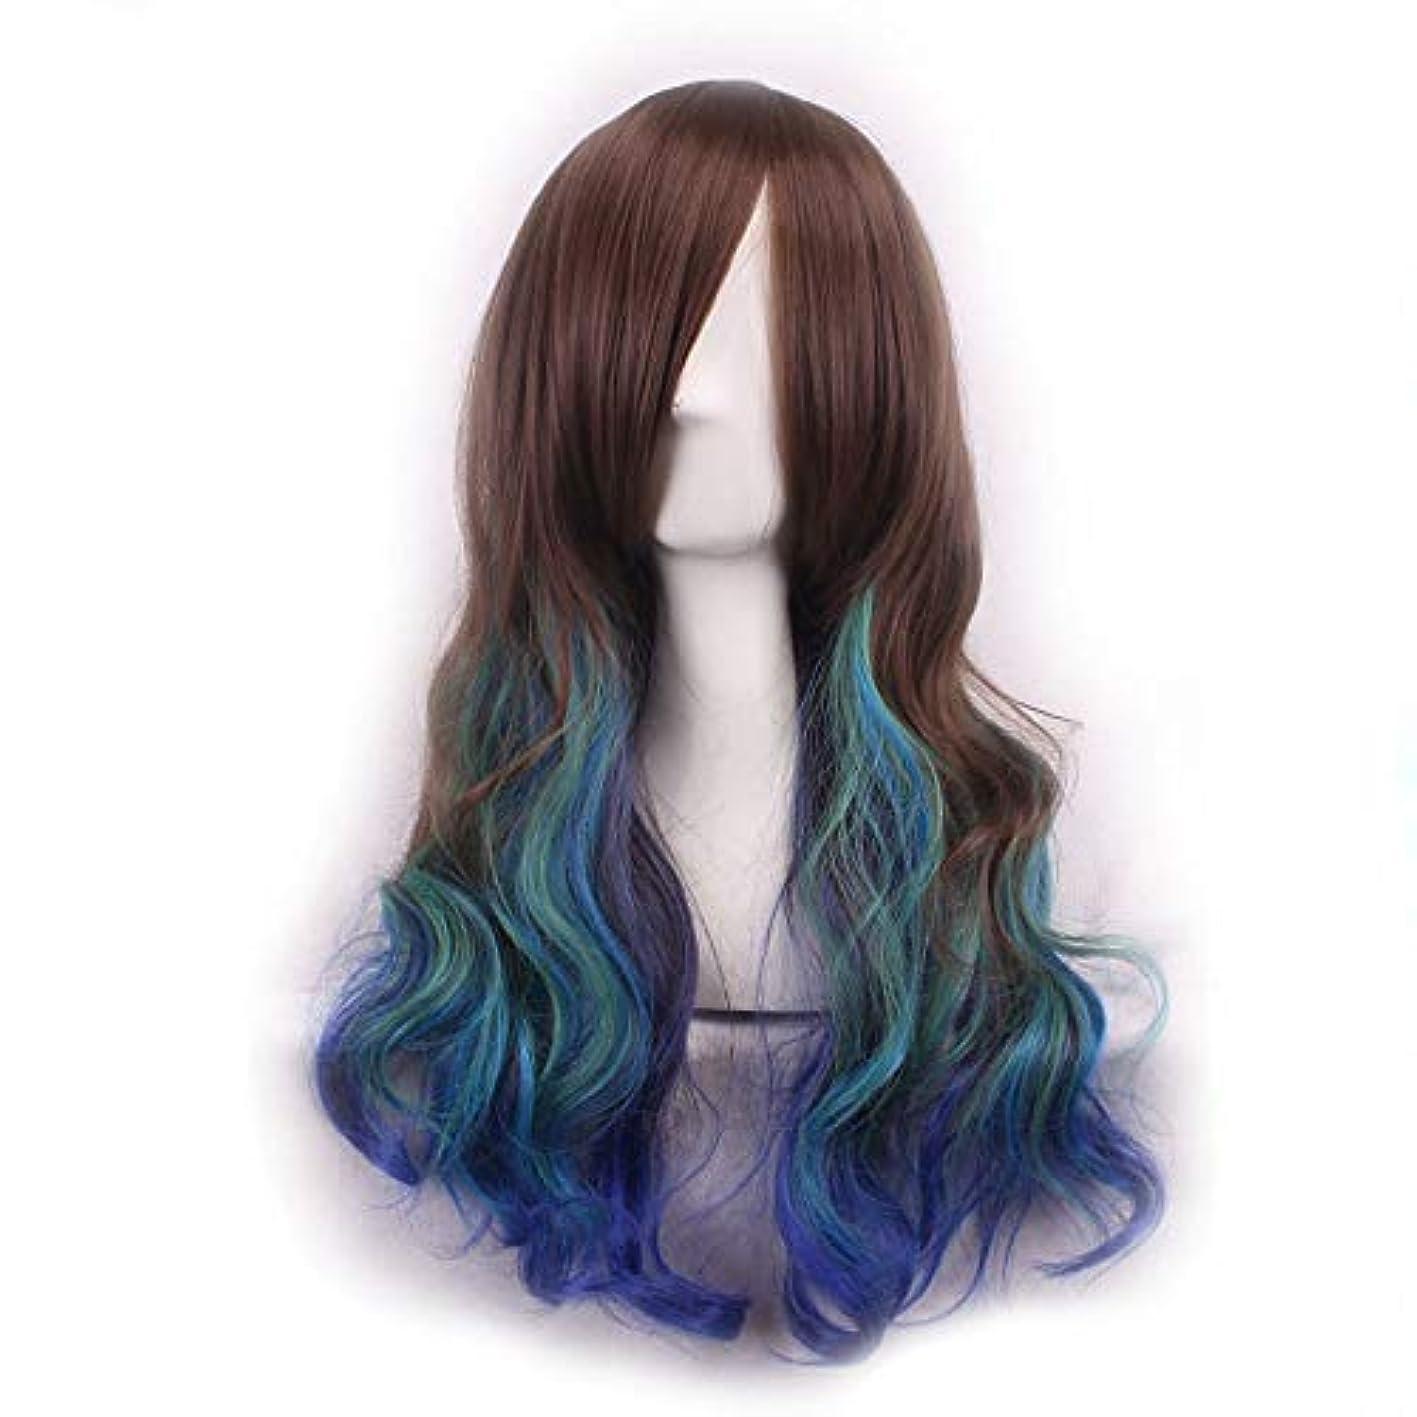 真珠のようなのためにクレタかつらキャップでかつらファンシードレスカールかつら女性用高品質合成毛髪コスプレ高密度かつら女性&女の子ブルー、レッド (Color : 青)